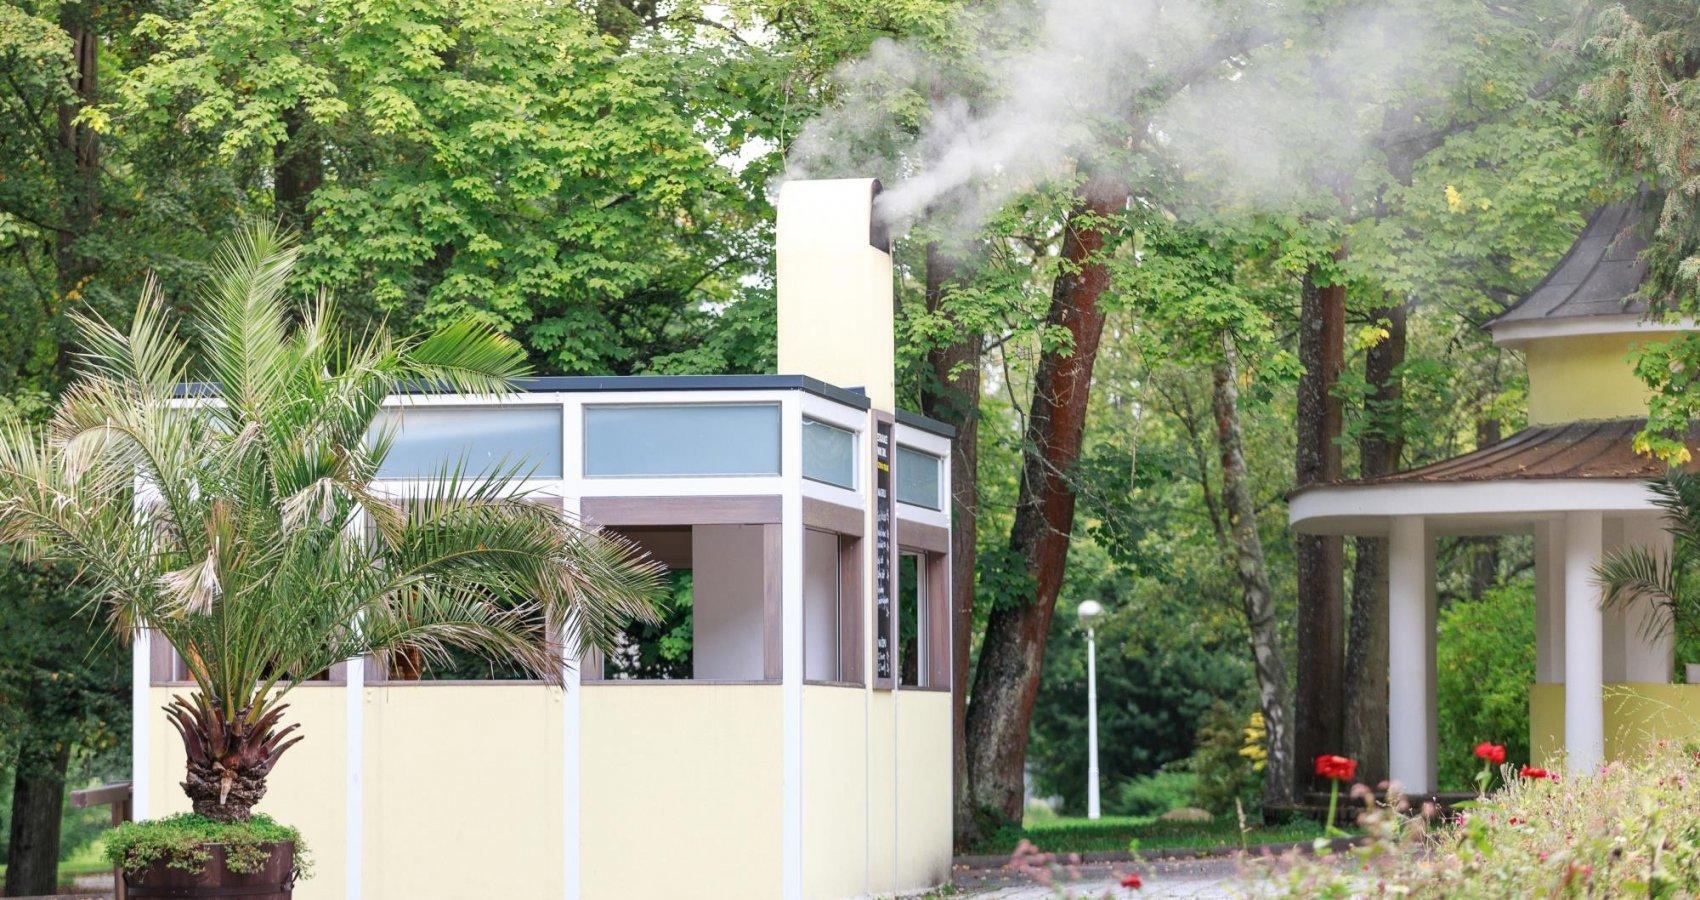 Grilovací domek restaurace Gril Park